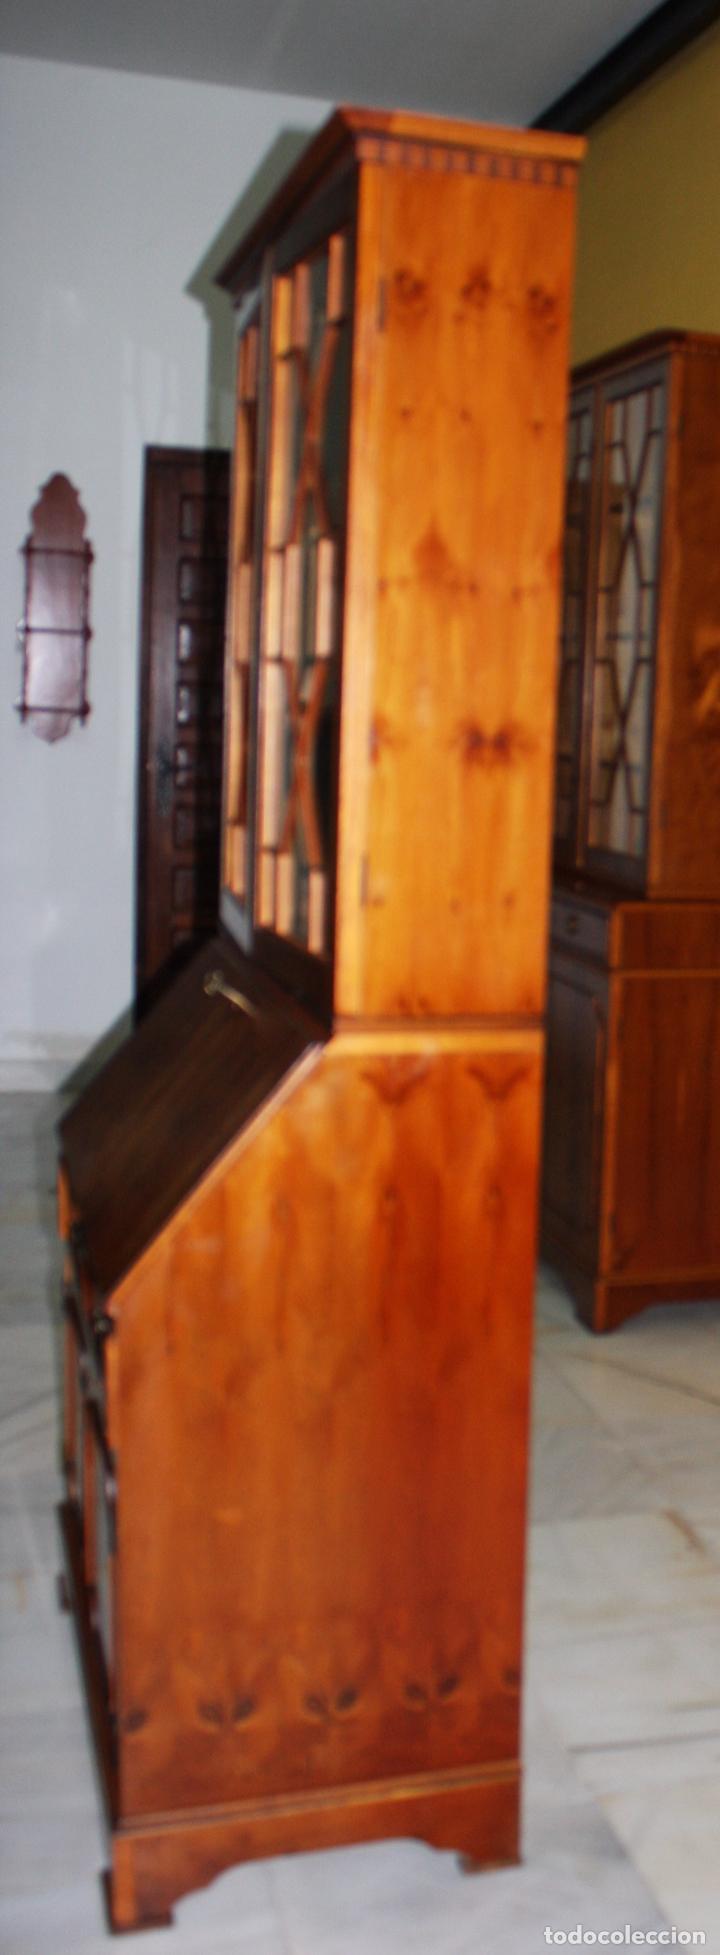 vitrinabiblioteca secreter inglesa ref 6068  Comprar Vitrinas Antiguas en todocoleccion  98402595